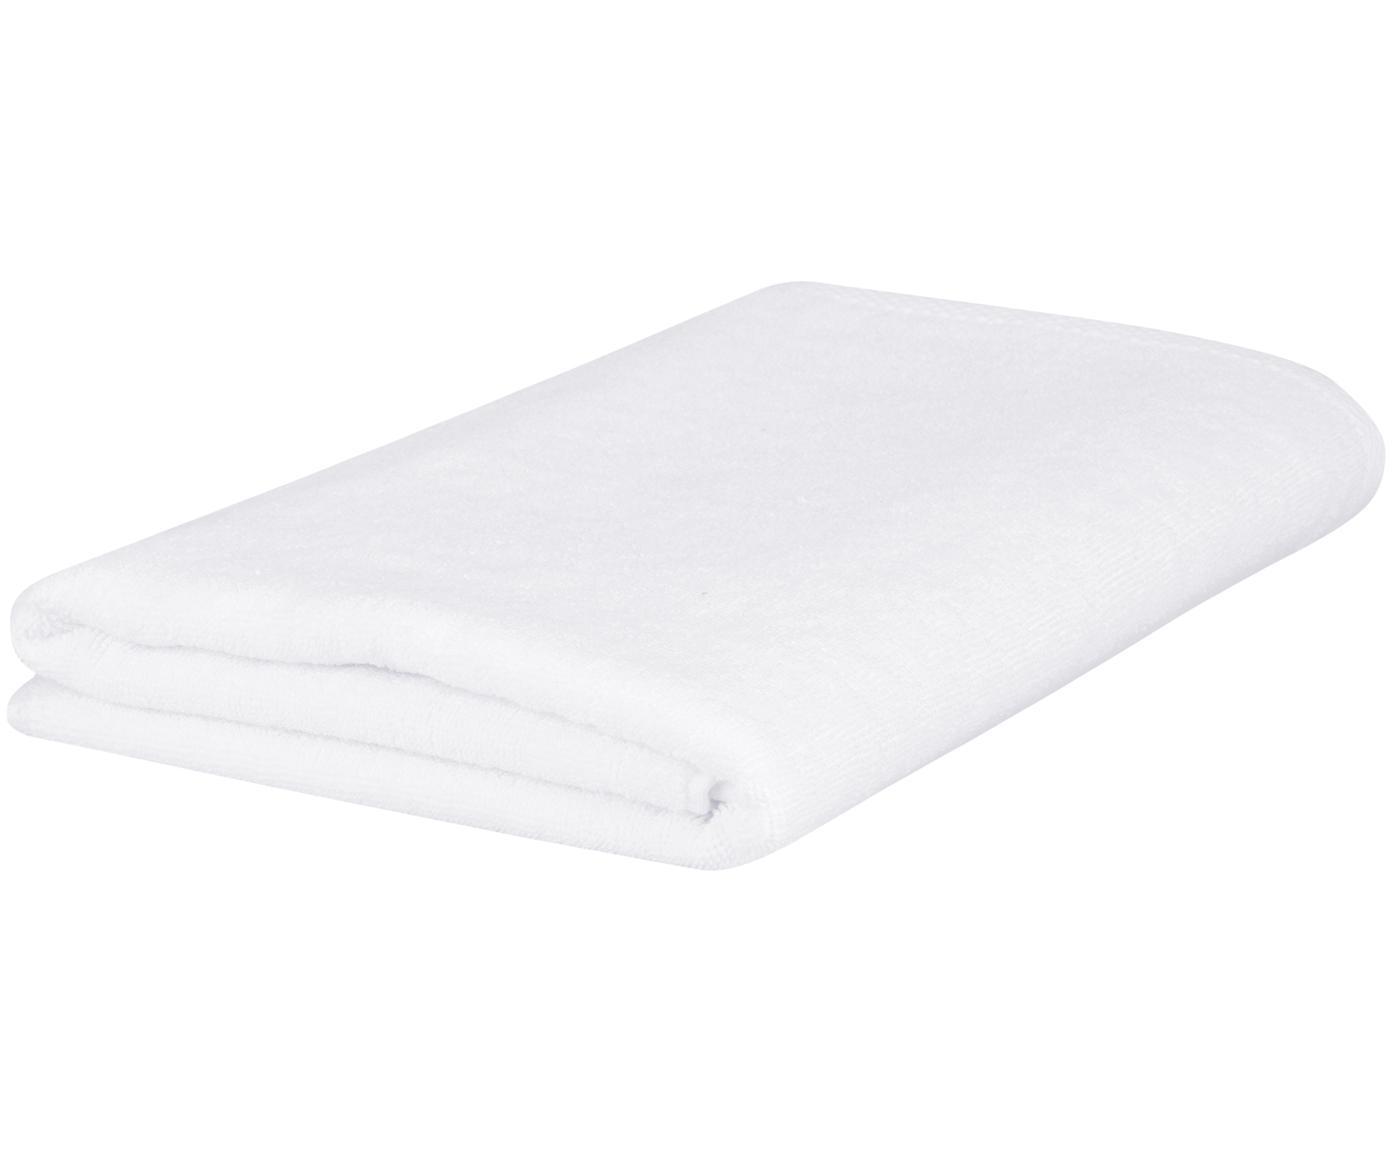 Einfarbiges Handtuch Comfort, verschiedene Grössen, Weiss, Handtuch